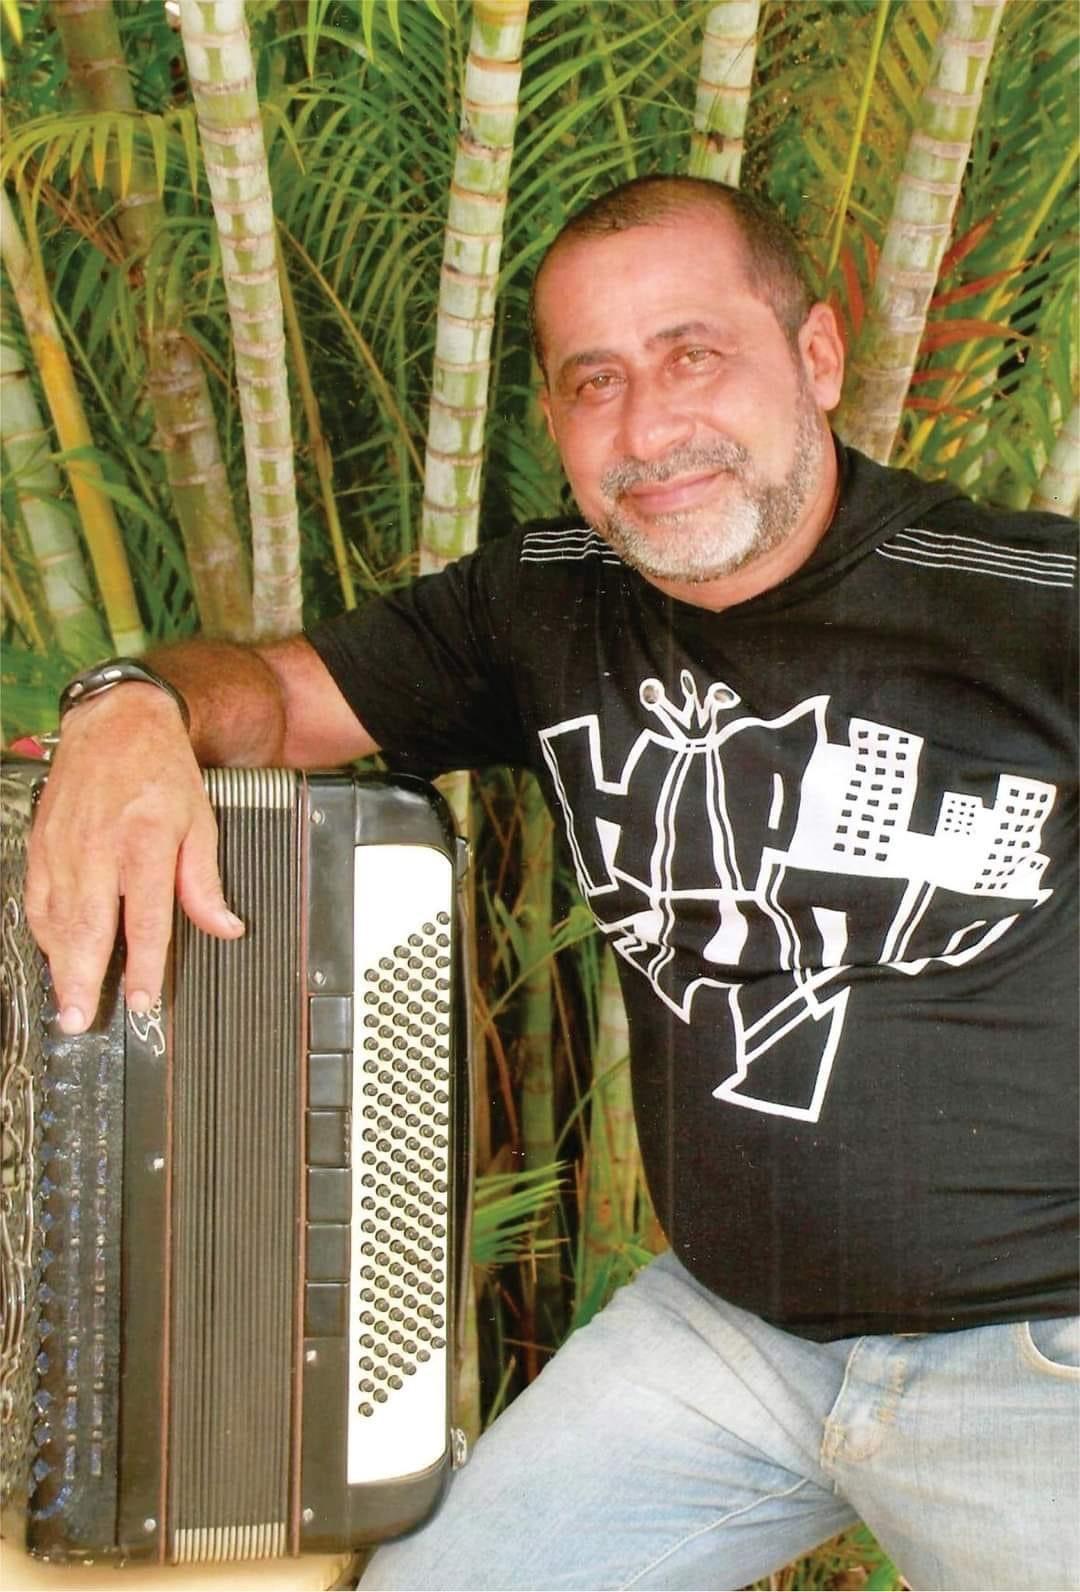 Falece Manilin da Sucupira, um dos melhores sanfoneiros do Maranhão